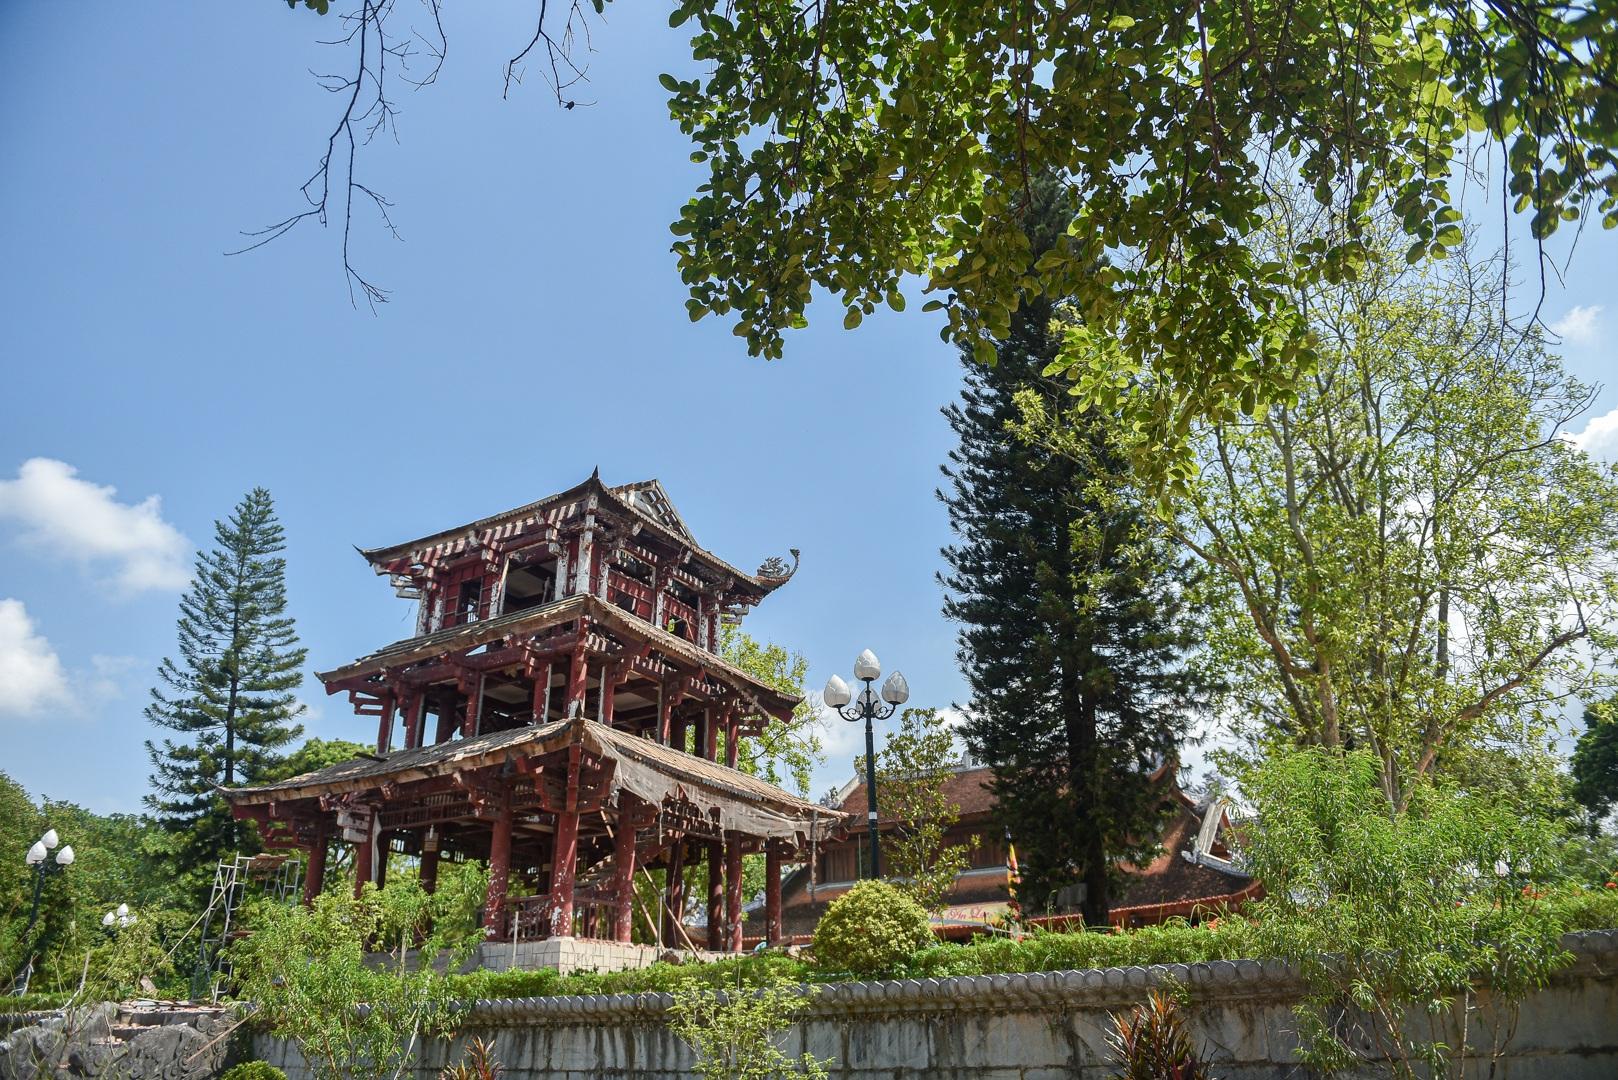 Ngôi chùa nghìn năm tuổi  - Trường Đại học phật giáo đầu tiên ở Việt Nam - 2